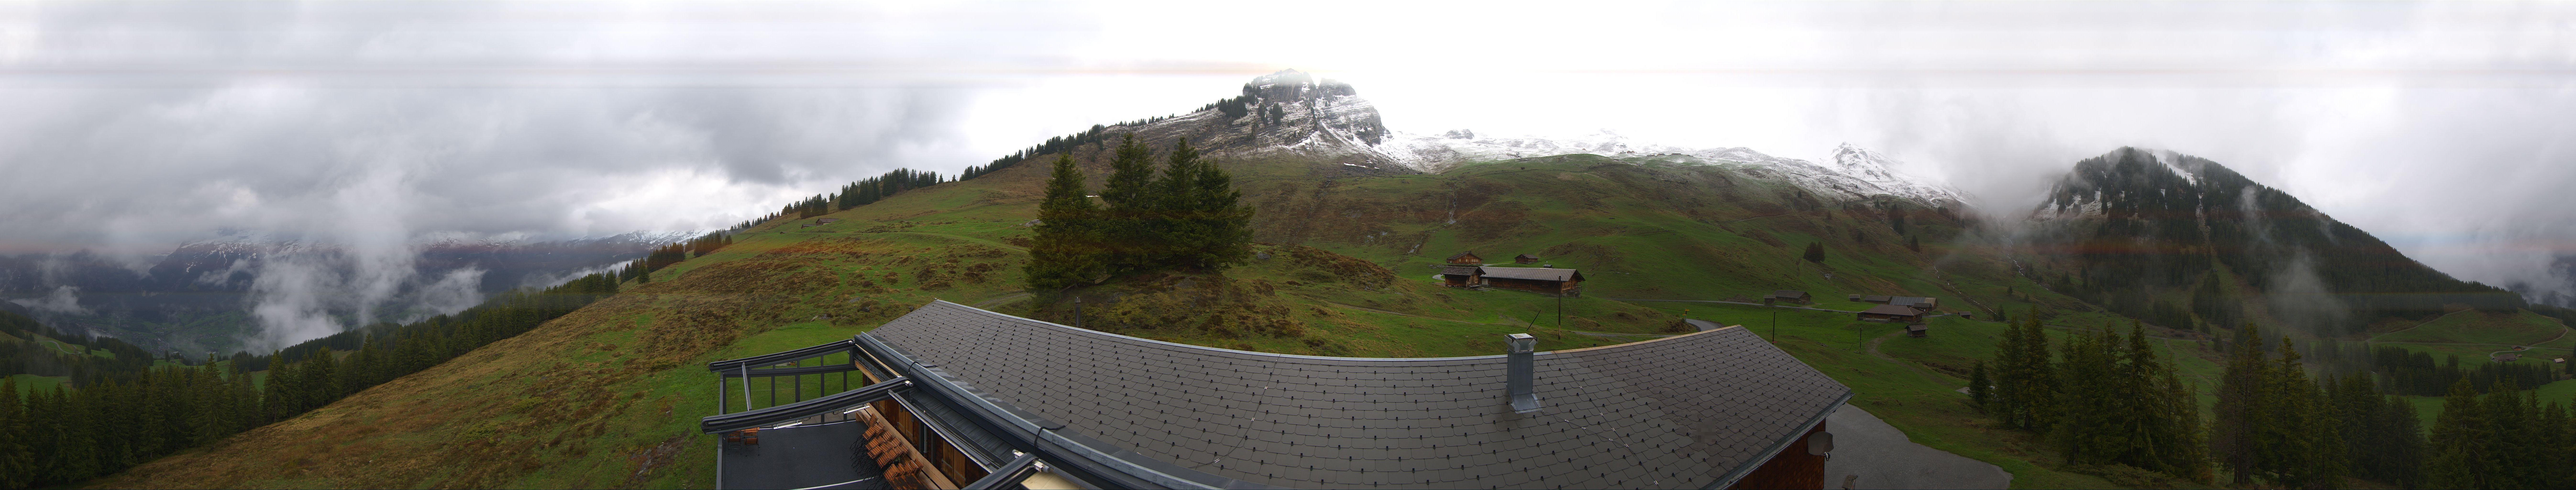 Grindelwald: Tschuggen - Eiger - Wetterhorn - Jungfrau Region - Mönch - Schreckhorn - Gross Fiescherhorn - Silberhorn